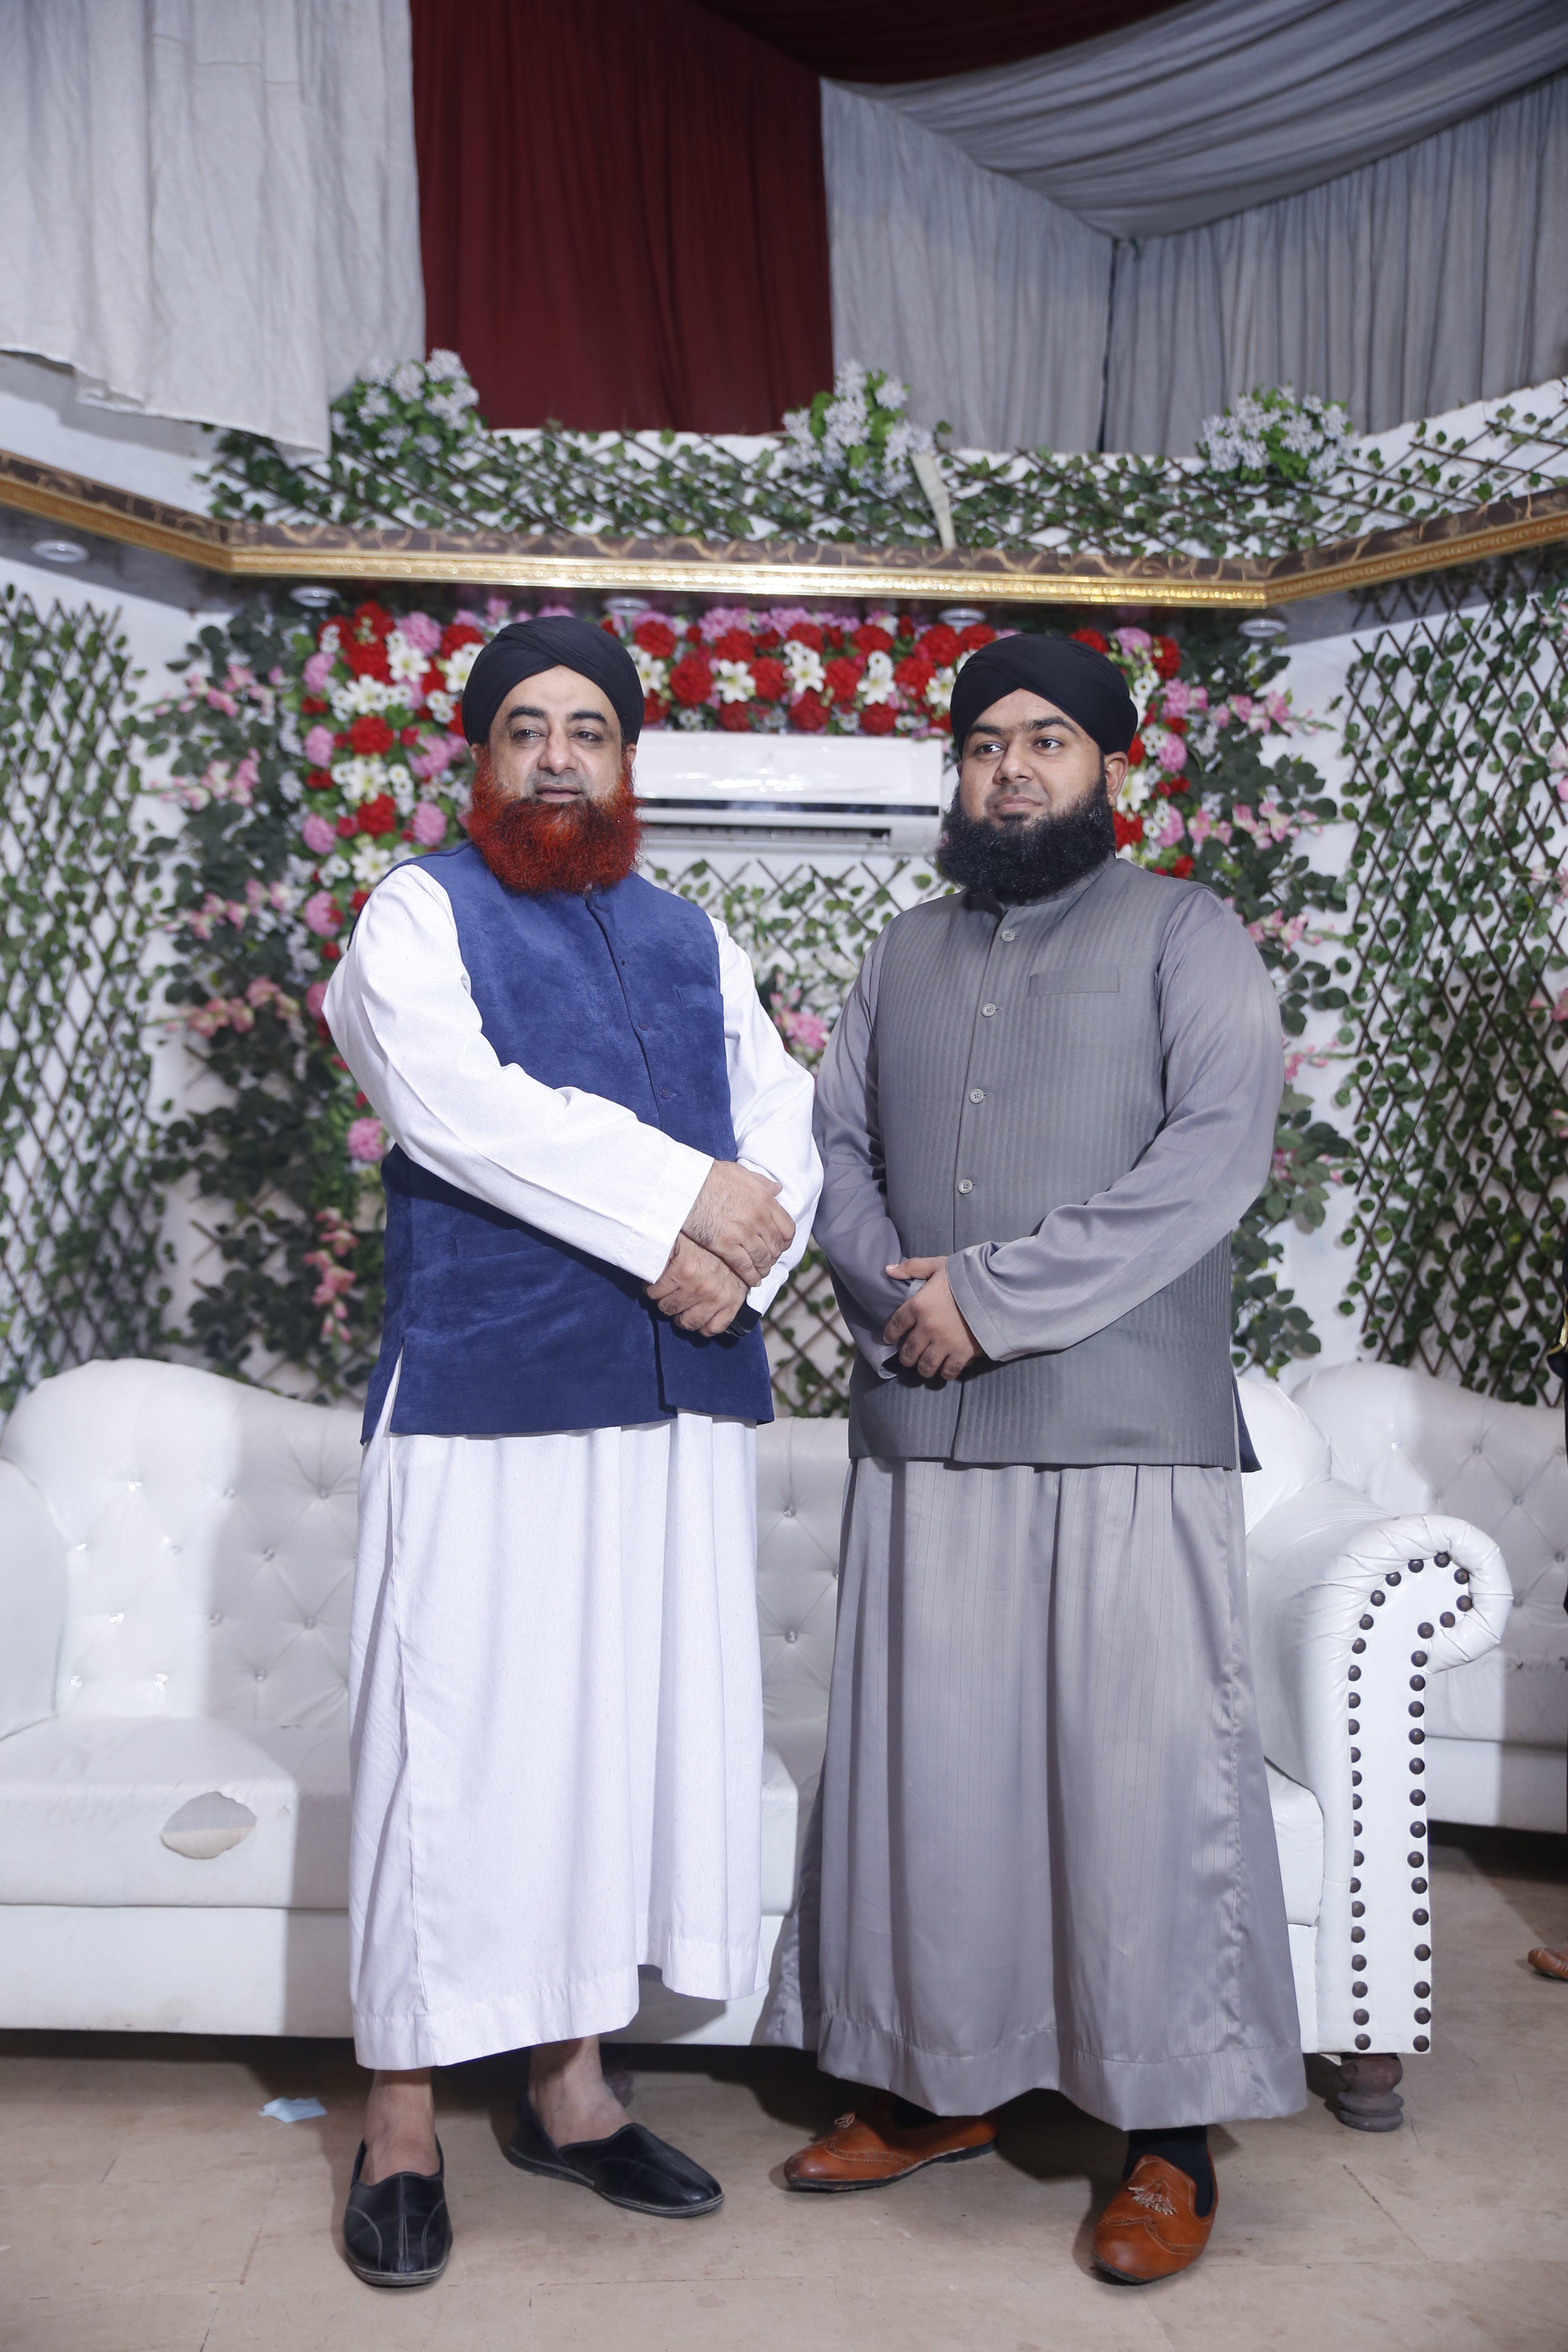 Mufti Furqan Madani with Mufti Akmal – Mufti Furqan Madani